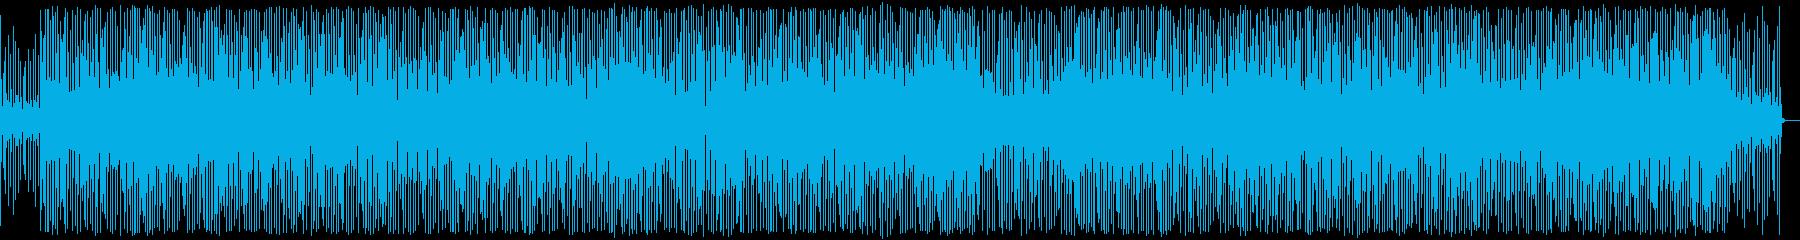 G線上のアリア 軽快ポップスverの再生済みの波形